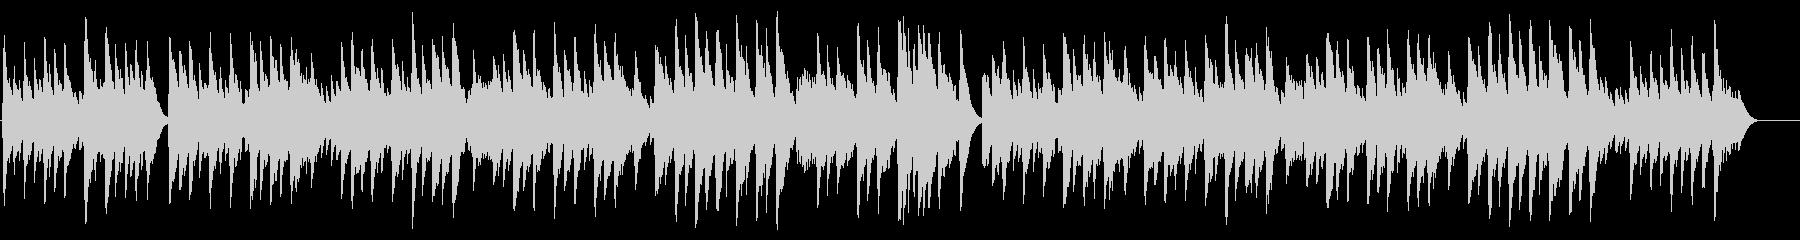 ひなまつり /三宅延齢(Aパターン)の未再生の波形